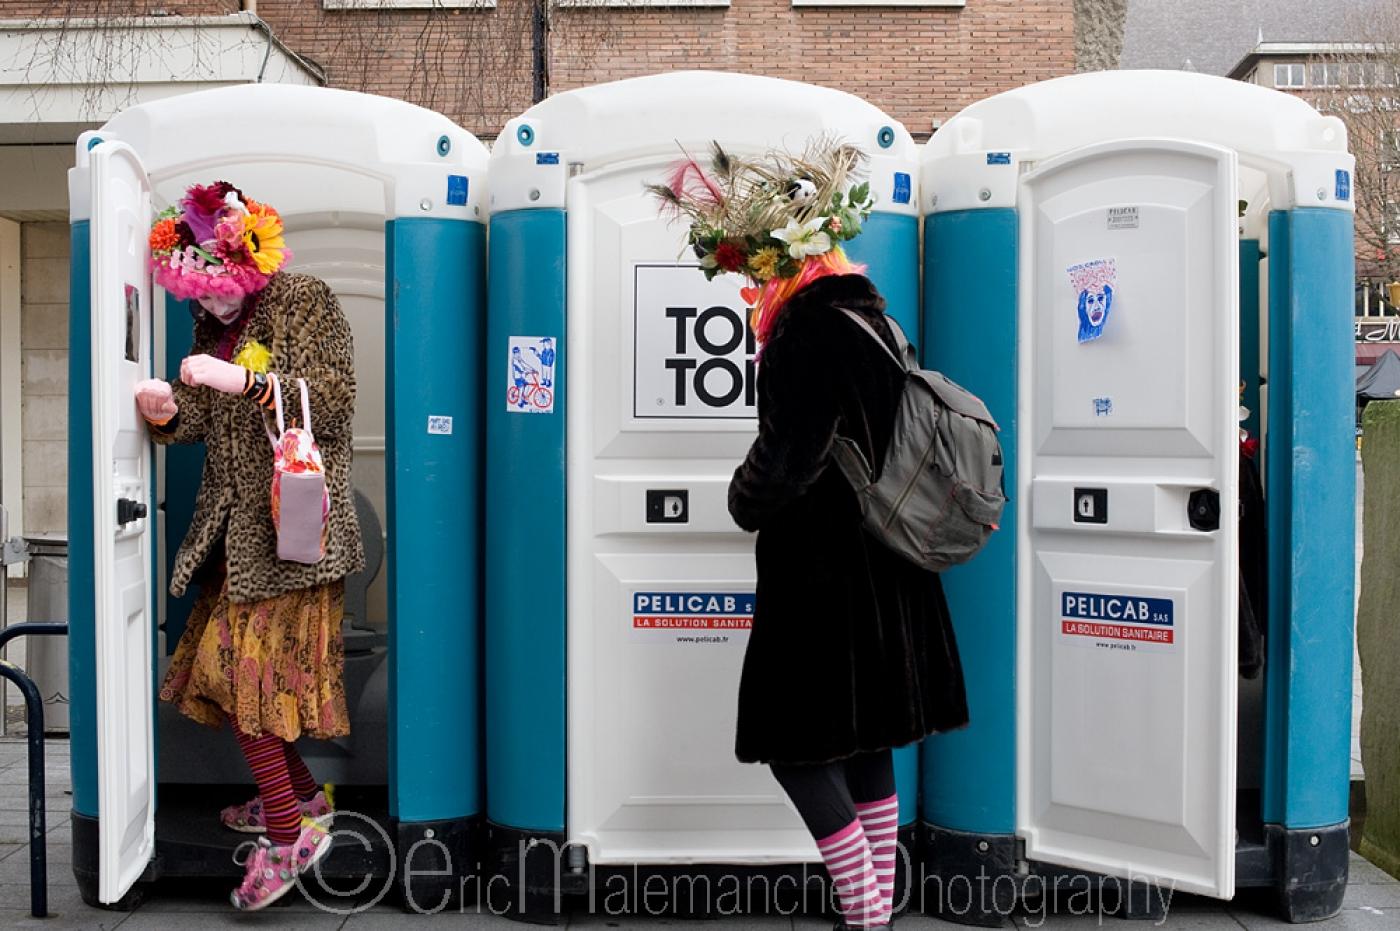 https://www.ericmalemanche.com/imagess/topics/carnaval-de-dunkerque/liste/Carnaval-Dunkerque-0233.jpg